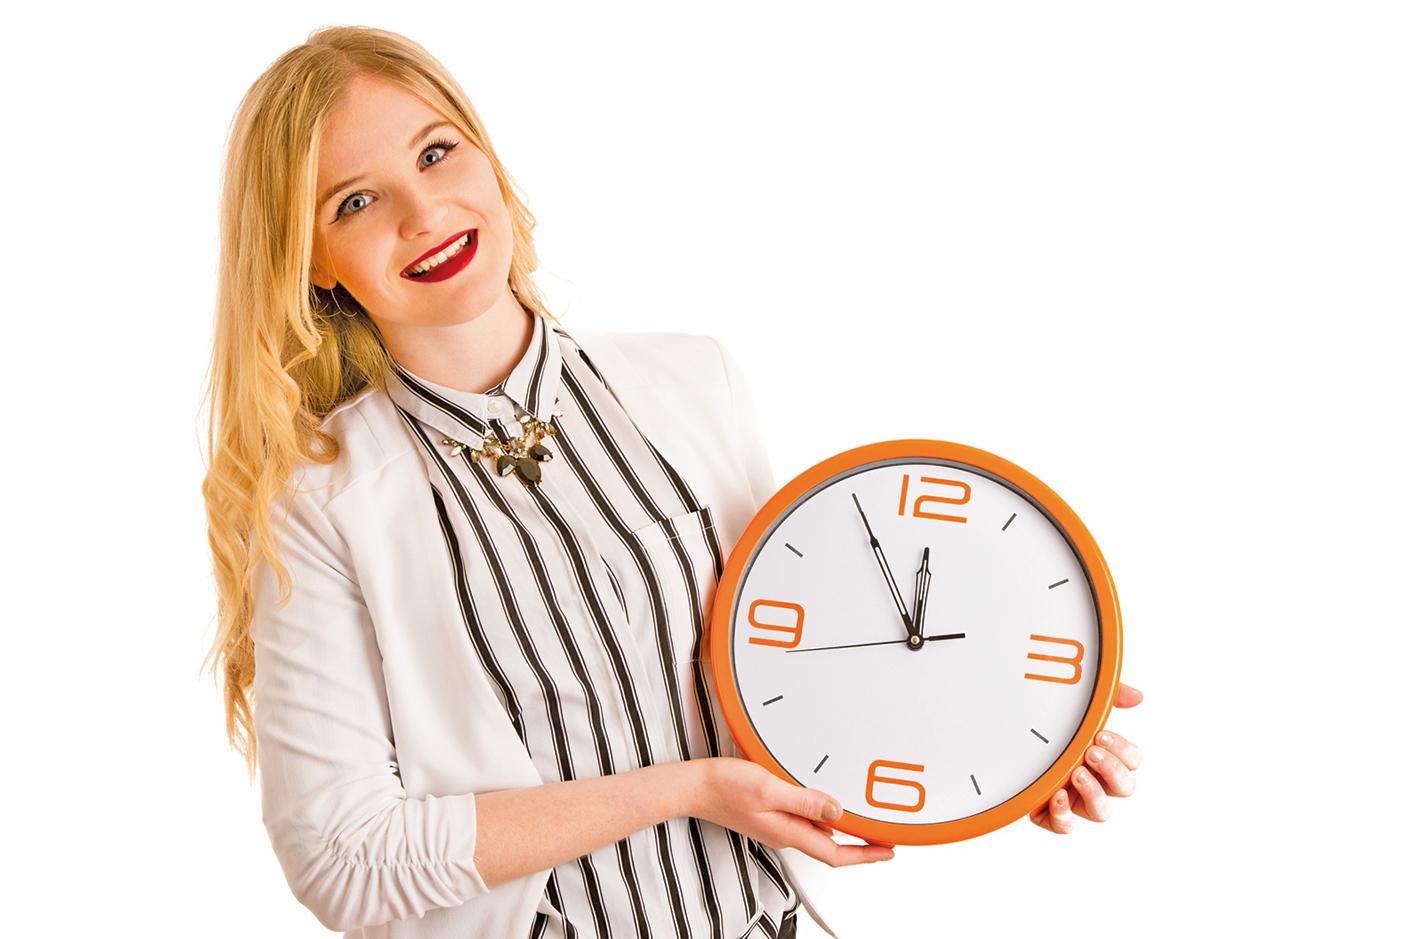 每周工作多少小時才健康?